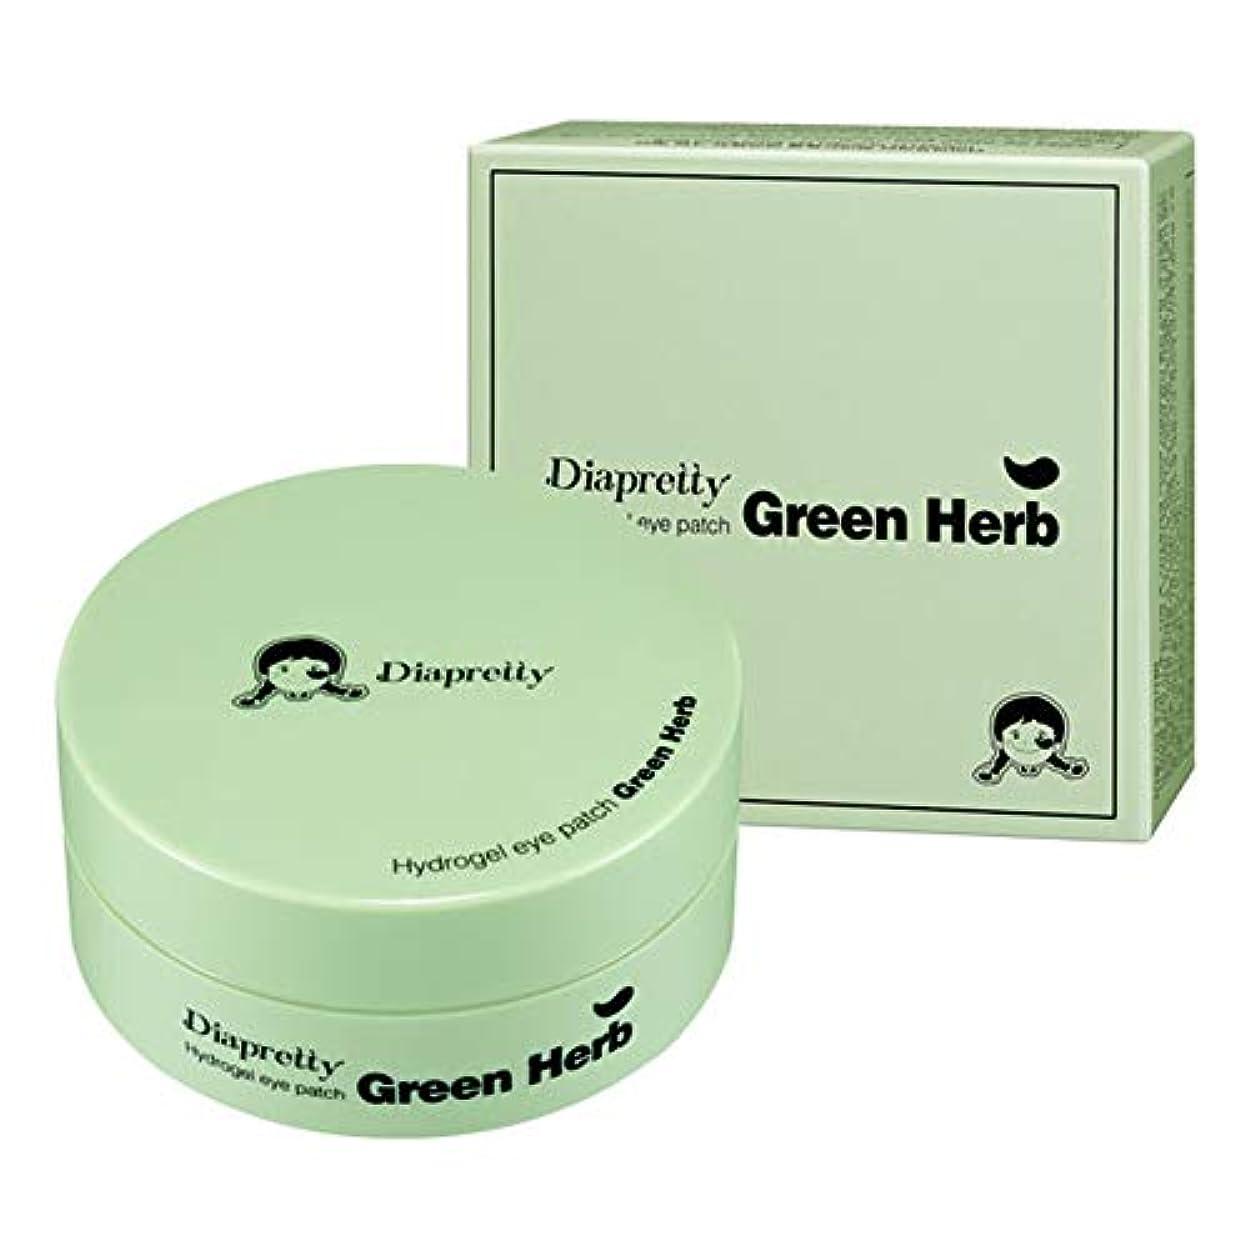 先に才能のある終点[ダイアプリティ] ハイドロゲルア イパッチ (Greeen Herb) 60枚, [Diapretty] Hydrogel Eyepatch(Green Herb) 60pieces